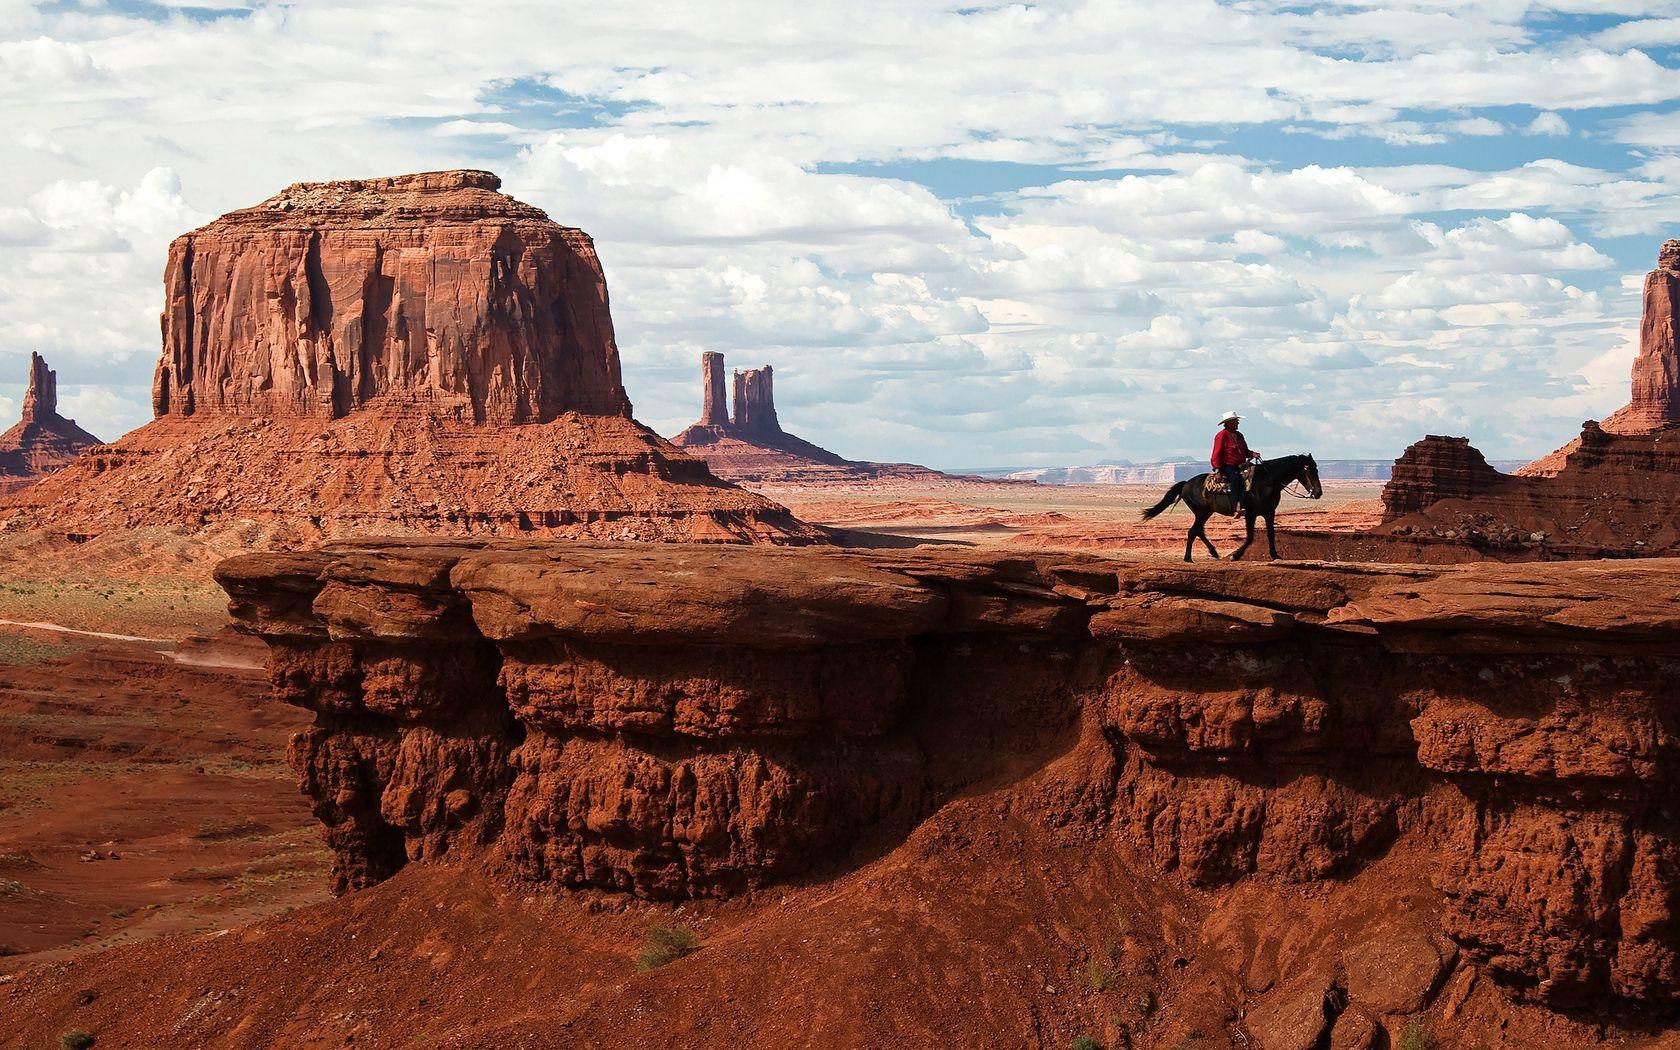 130293 Заставки и Обои Пустыня на телефон. Скачать Природа, Каньон, Пустыня, Всадник, Дикий Запад, Ковбой картинки бесплатно